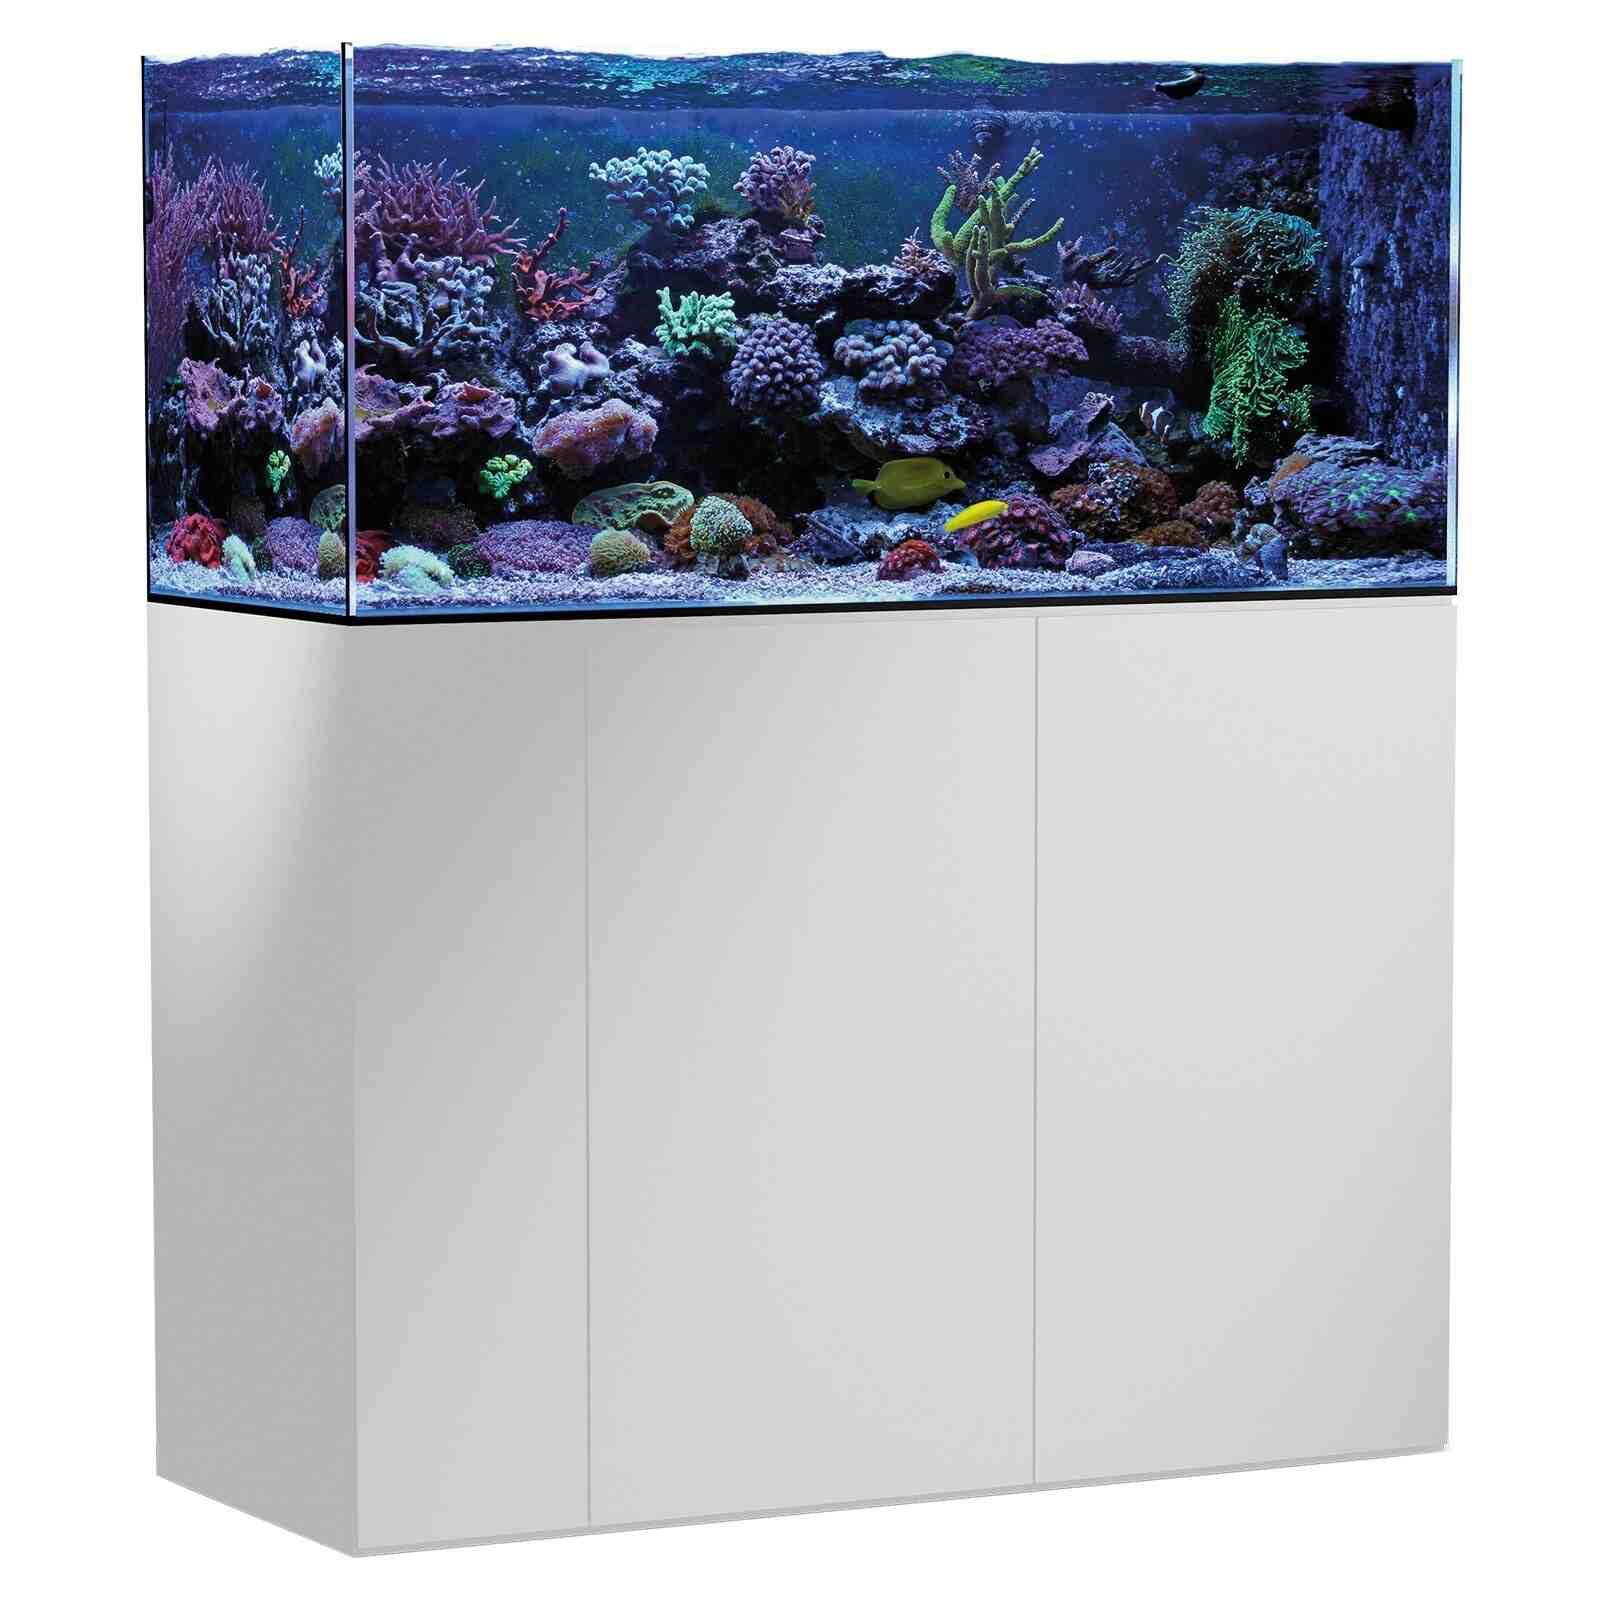 Quelle marque d'aquarium ?